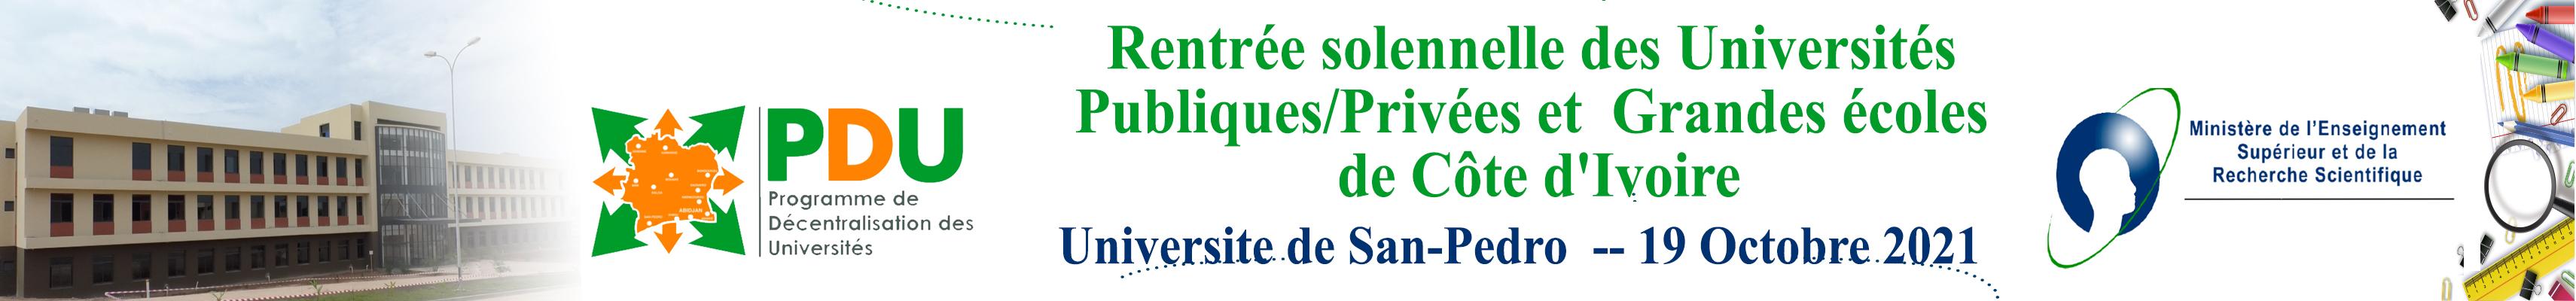 Programme De Décentralisation des Universités